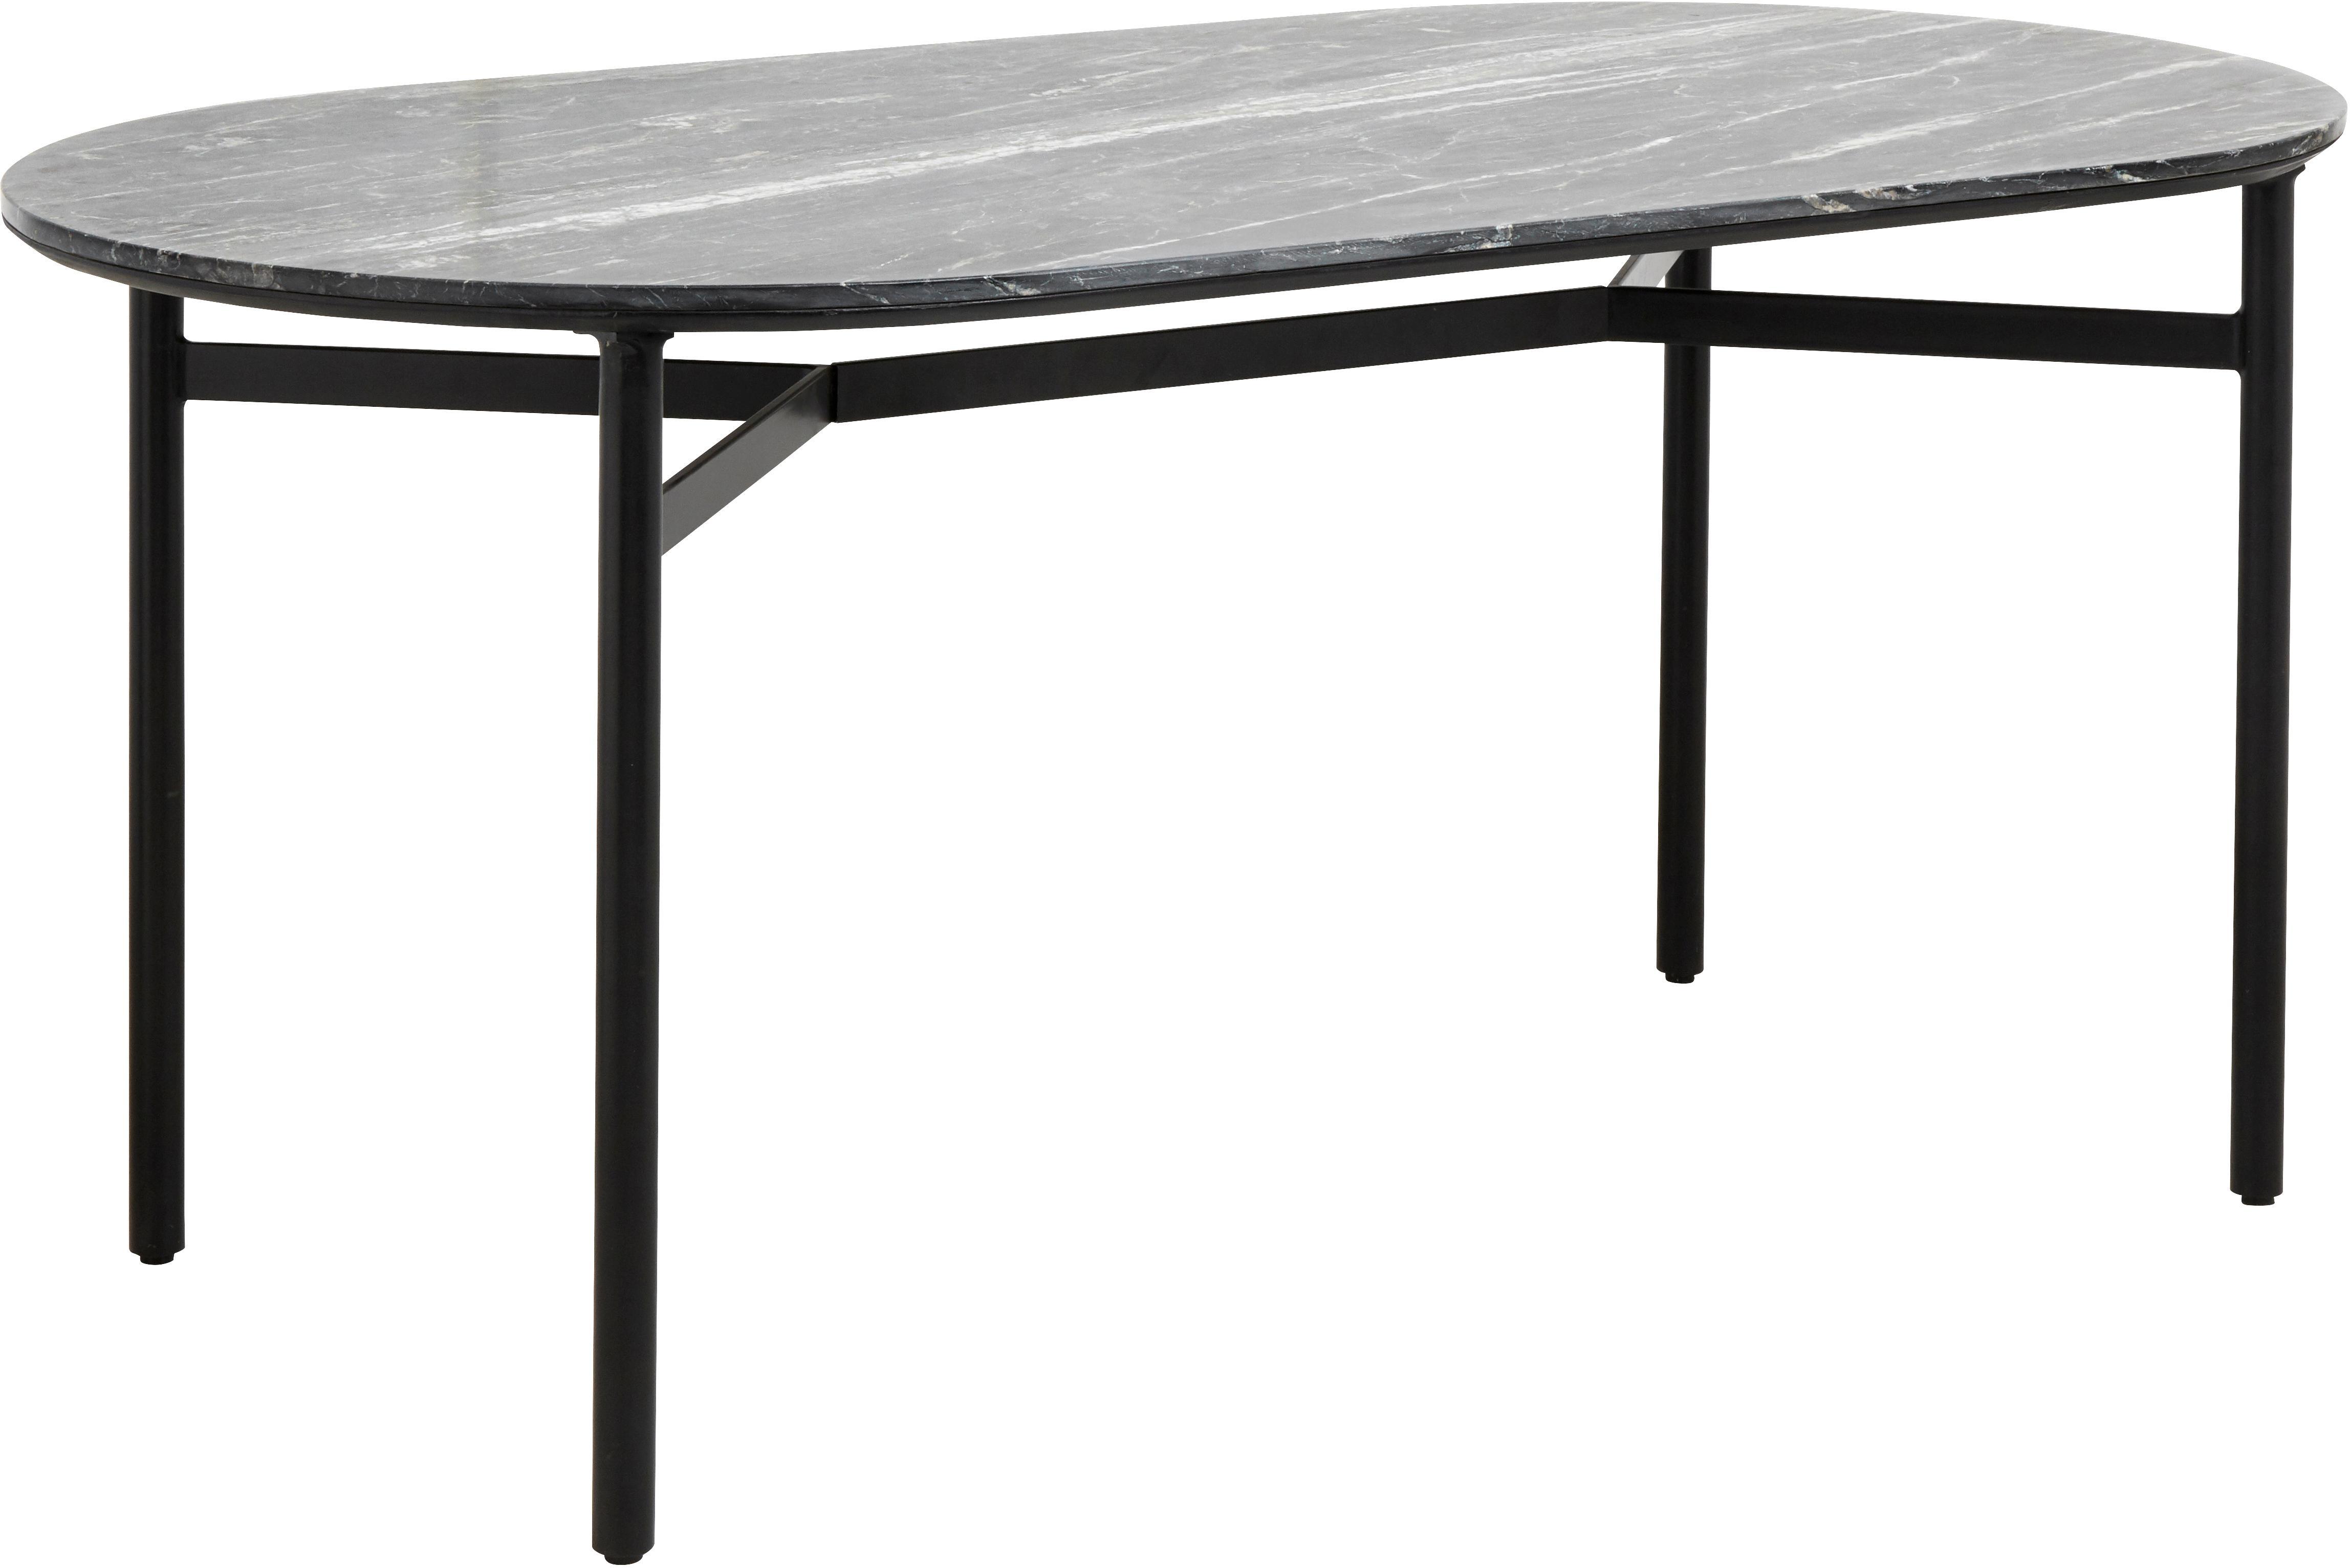 Tavolo ovale con piano in marmo Taupo, Piano d'appoggio: marmo, pannello di fibra , Gambe: metallo verniciato a polv, Oro, Larg. 175 x Prof. 90 cm